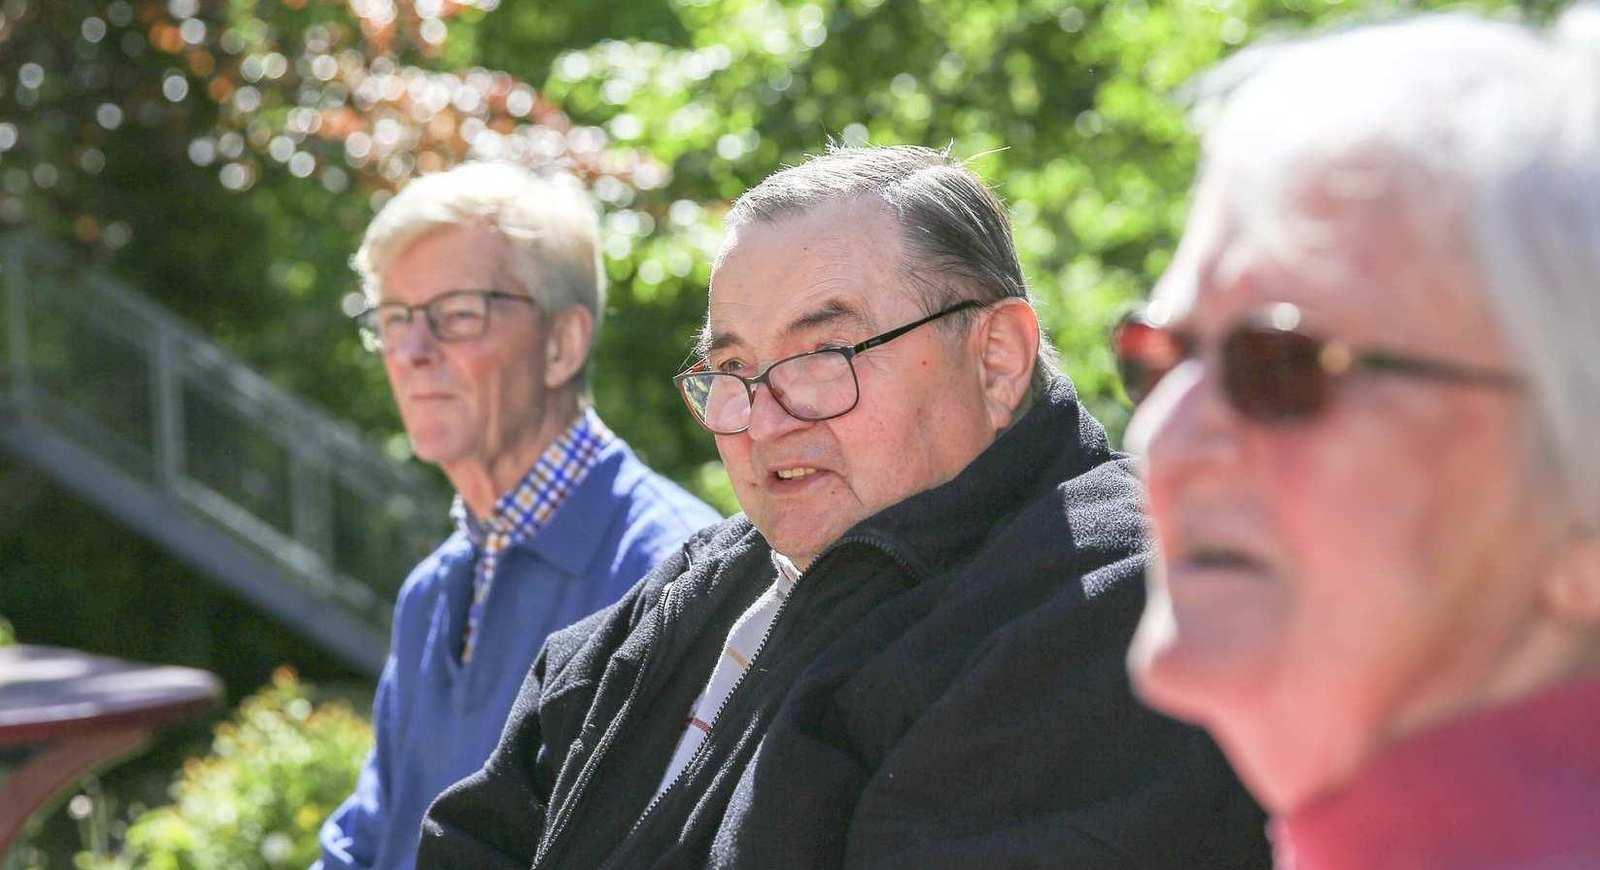 Drei ältere Personen mit Brillen sitzen auf einer Bank im Garten. Im Hintergrund sind Bäume und ein runder Abstelltisch.